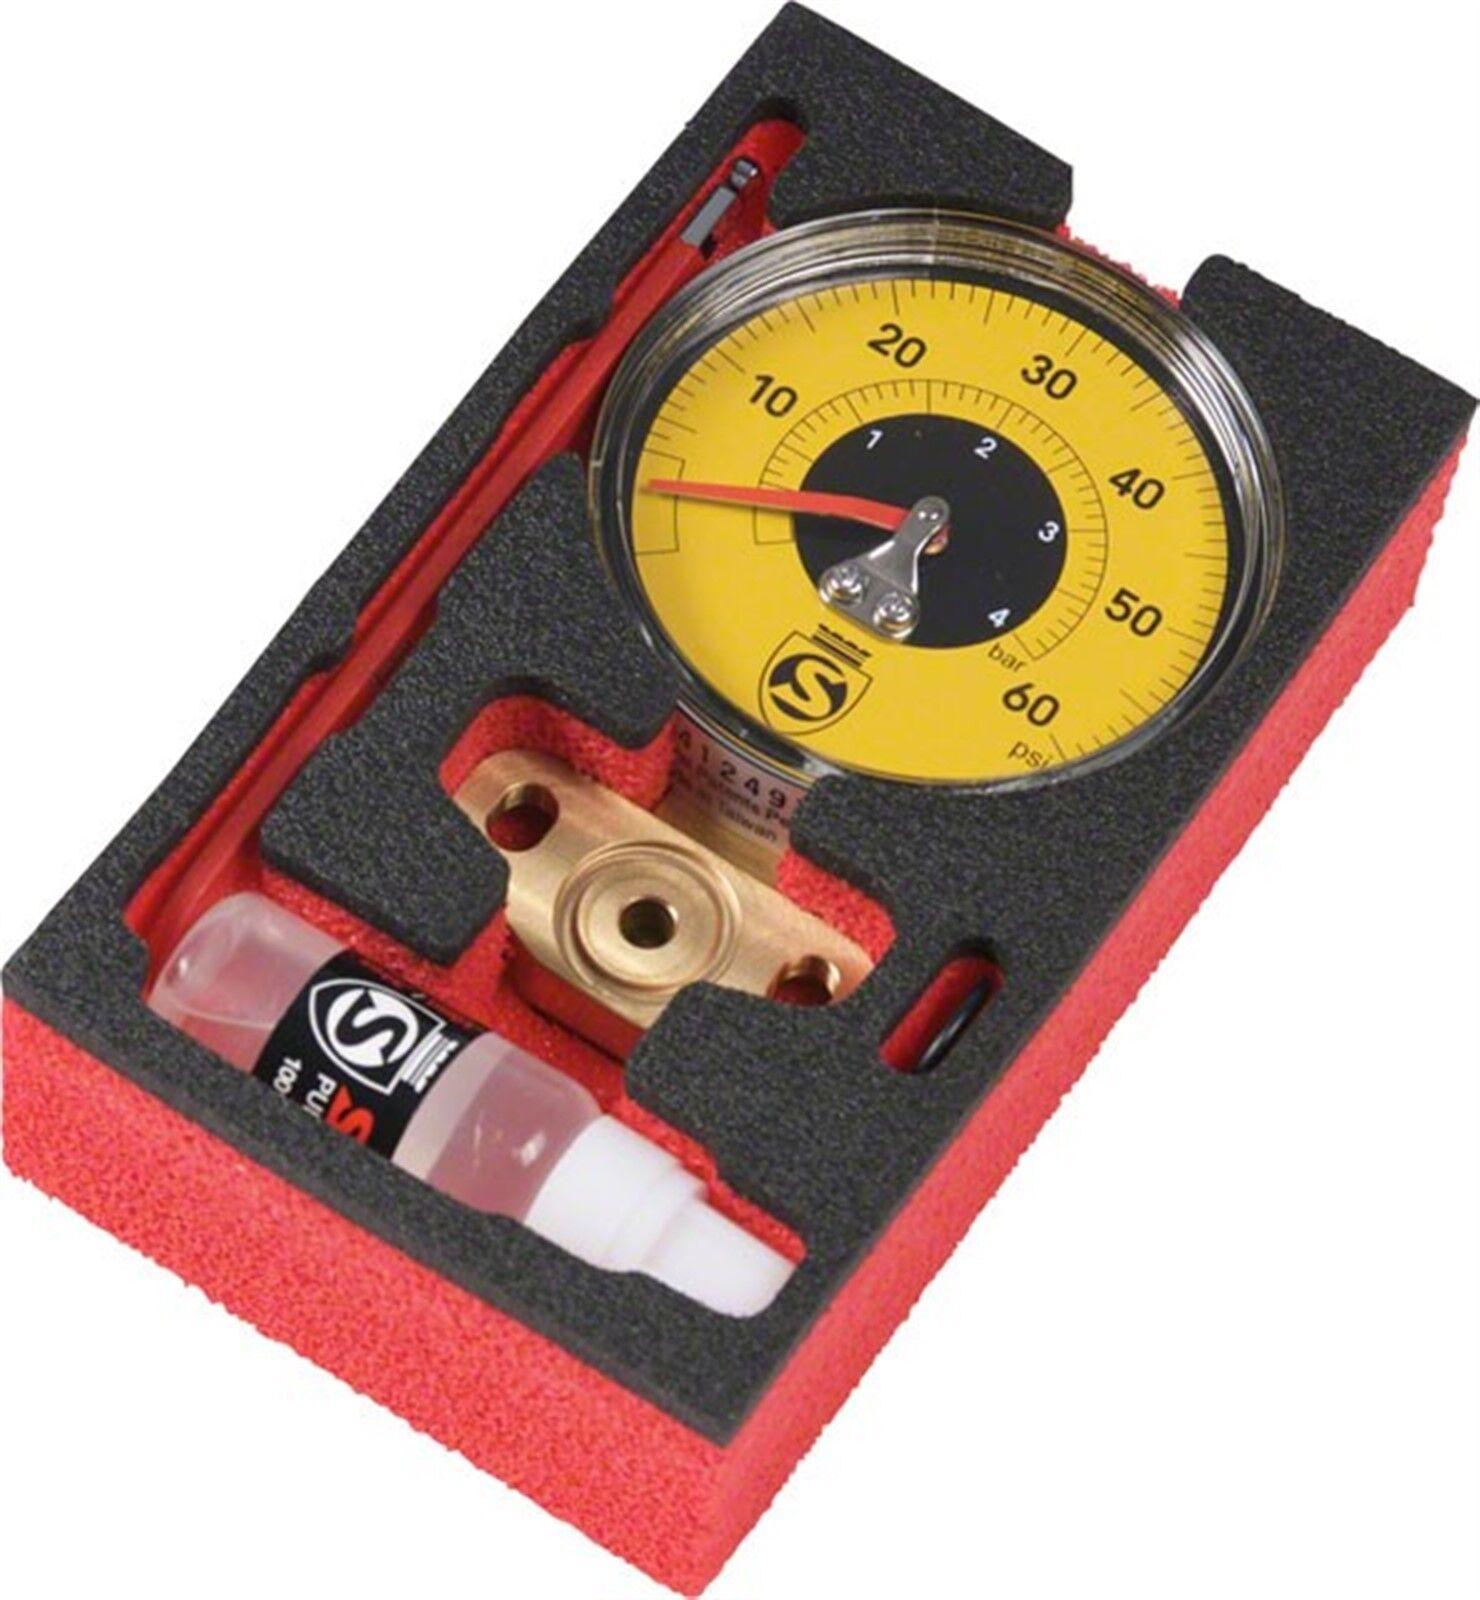 Silca súper Pista Ultimate 60psi calibre amarillo de baja presión